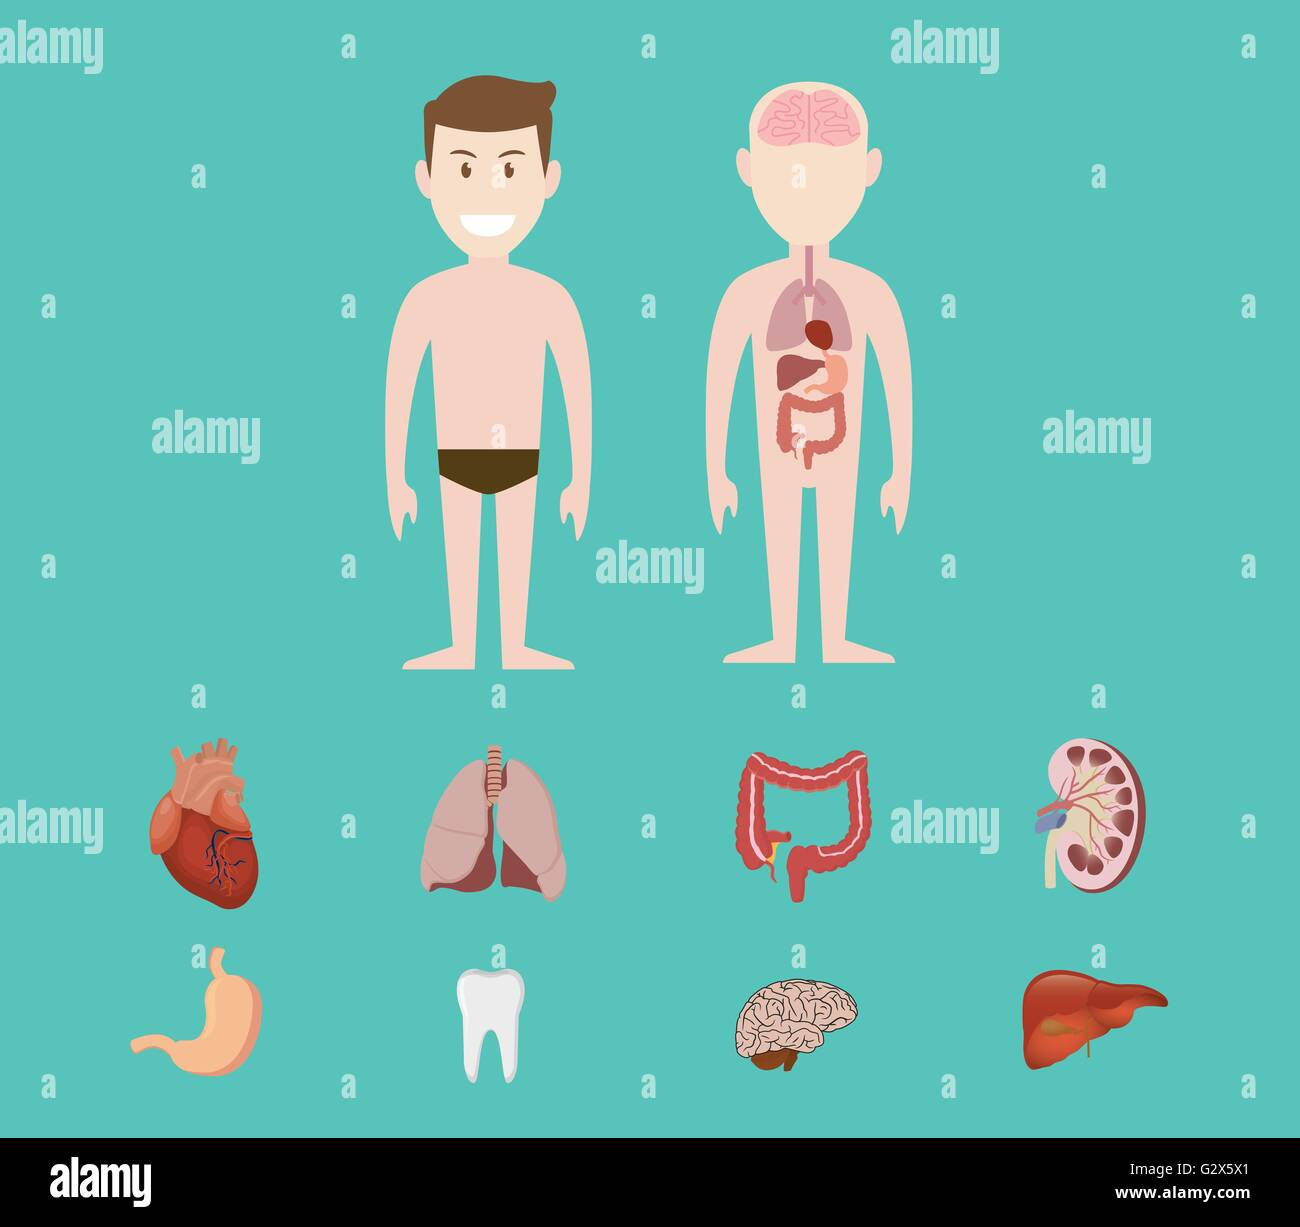 menschliche Anatomie Orgel Herz Lunge Niere Gehirn Zahn Magen Leber ...